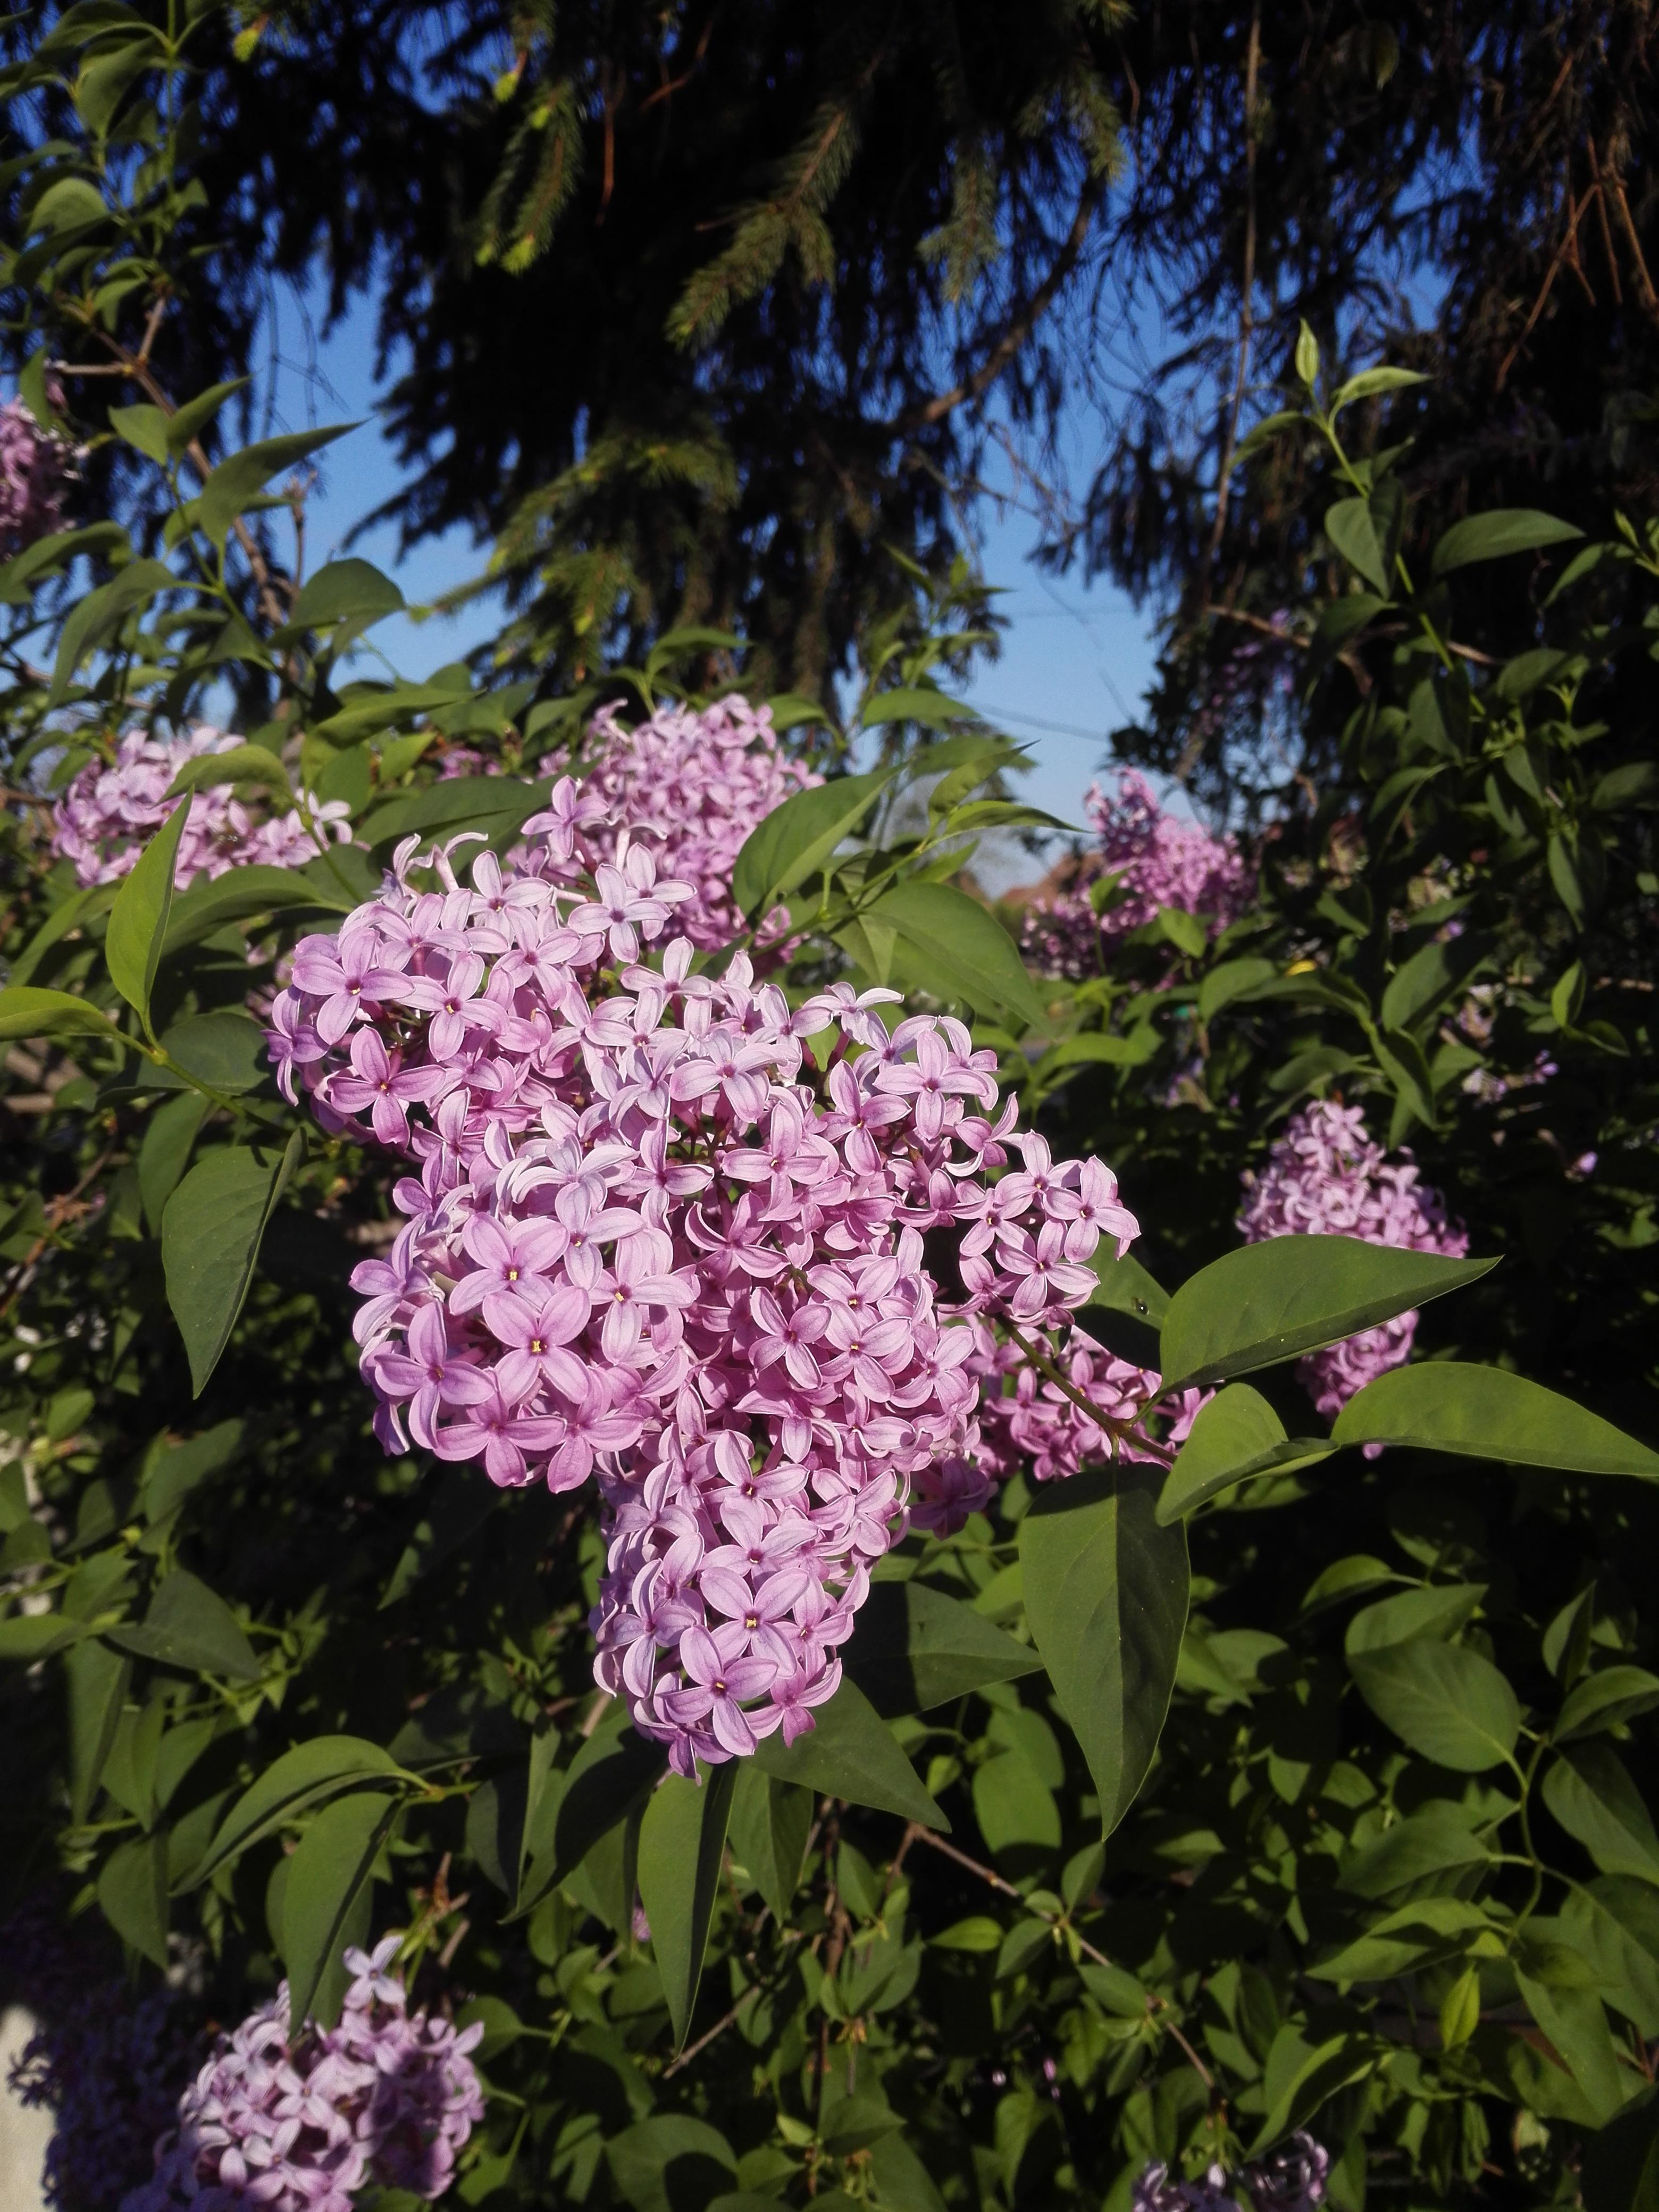 Images Gratuites La Nature Lac Botanique Jardin Flore Fleur